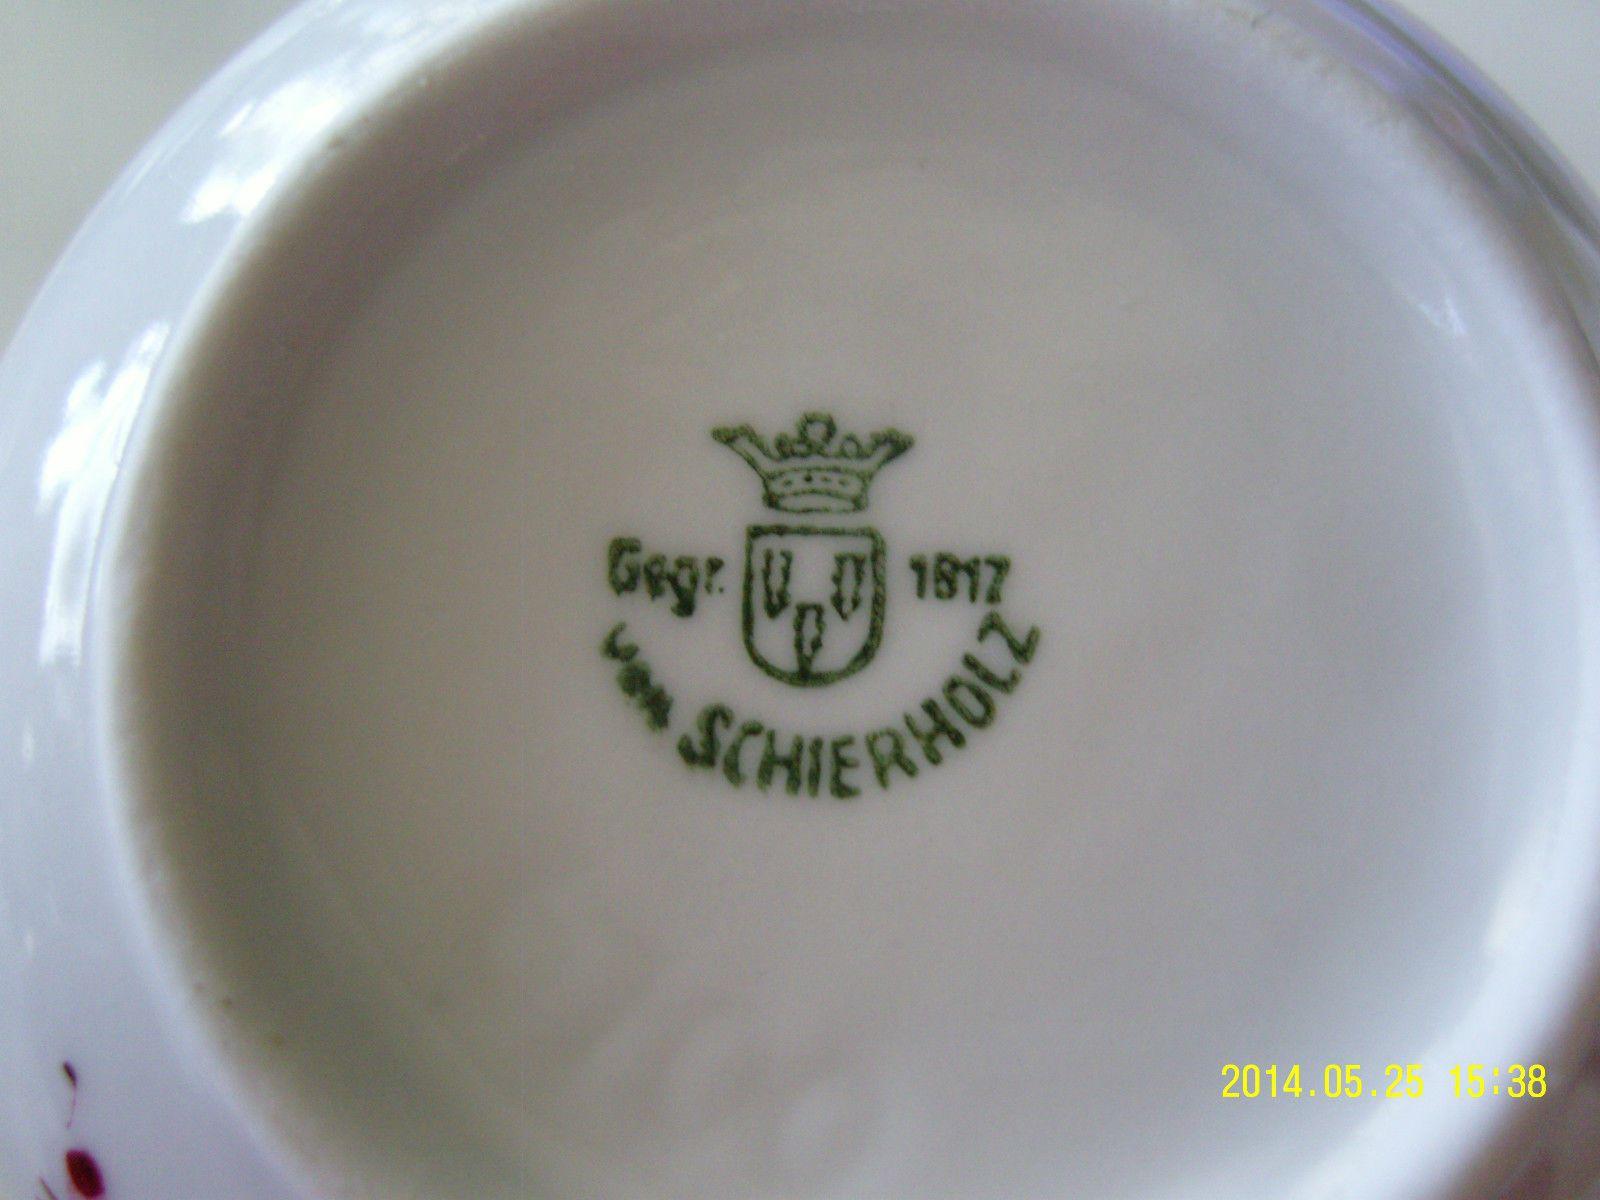 von Schierholz - Porzellanmarke